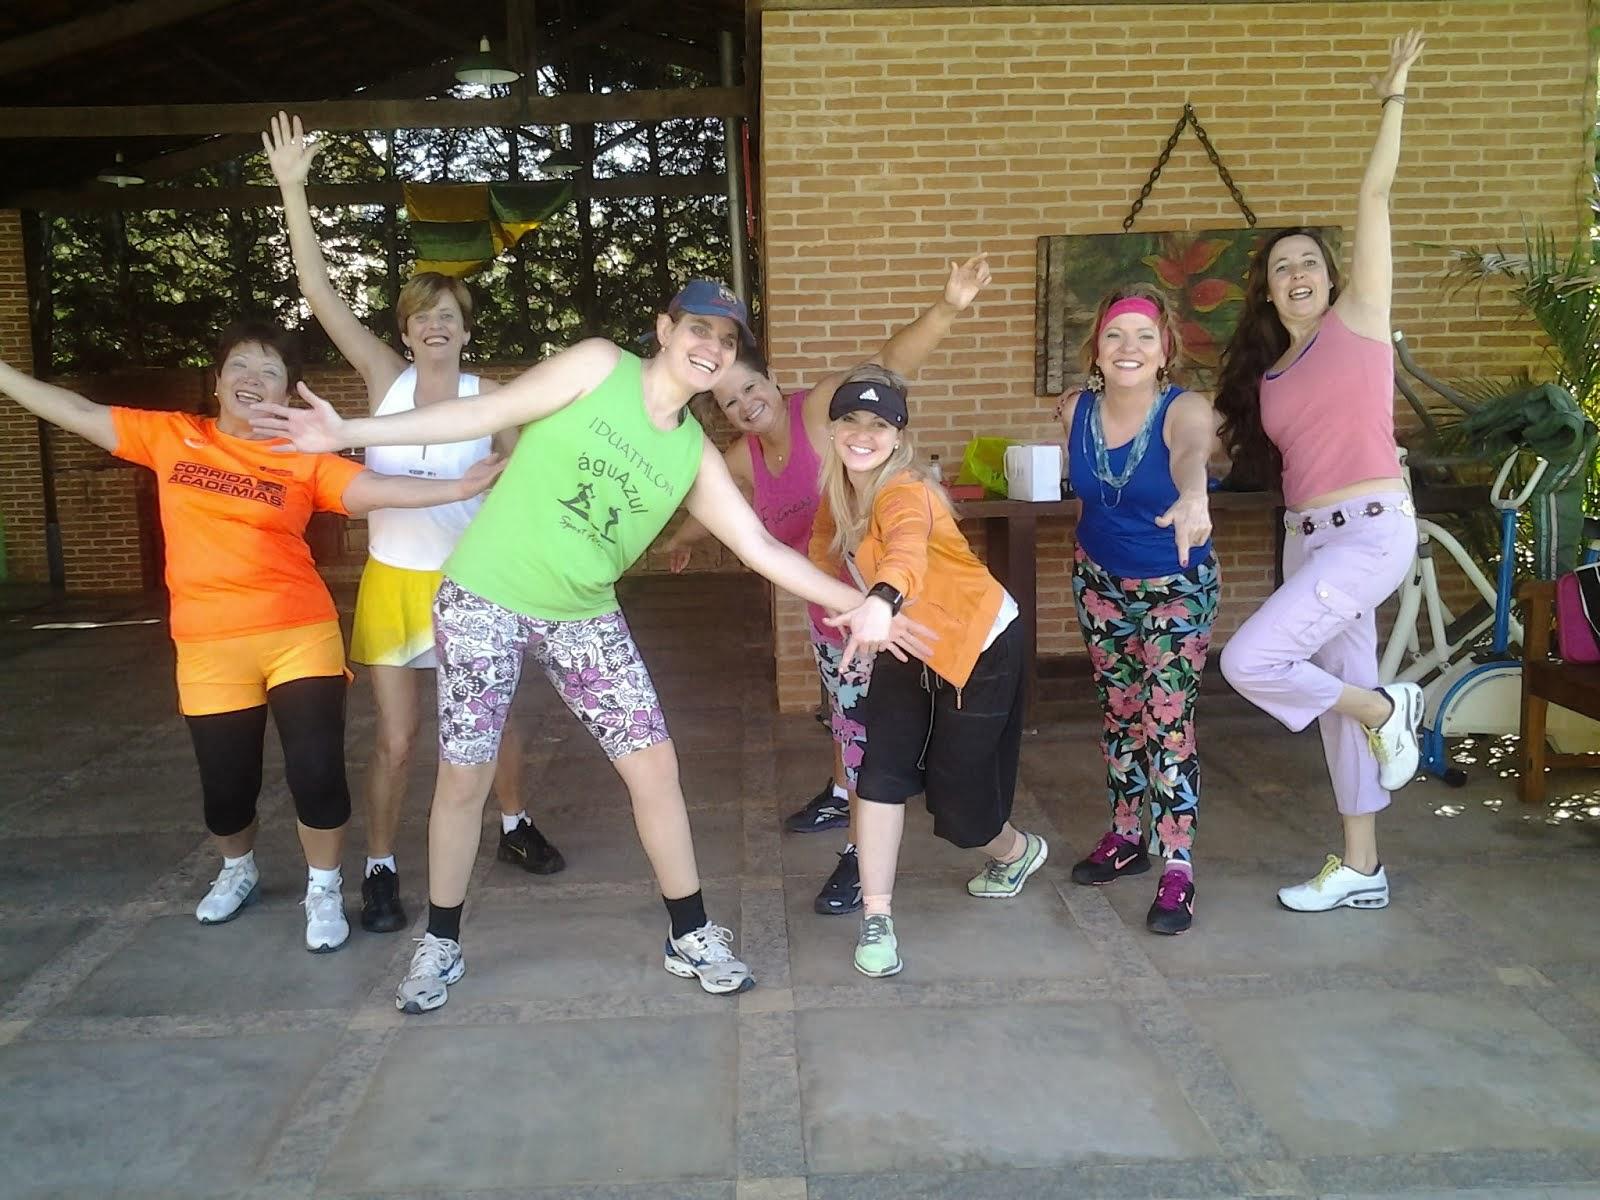 Mulheres com toda Energia, Disposição e Vitalidade em 2.014! Entre para o grupo você também!!!